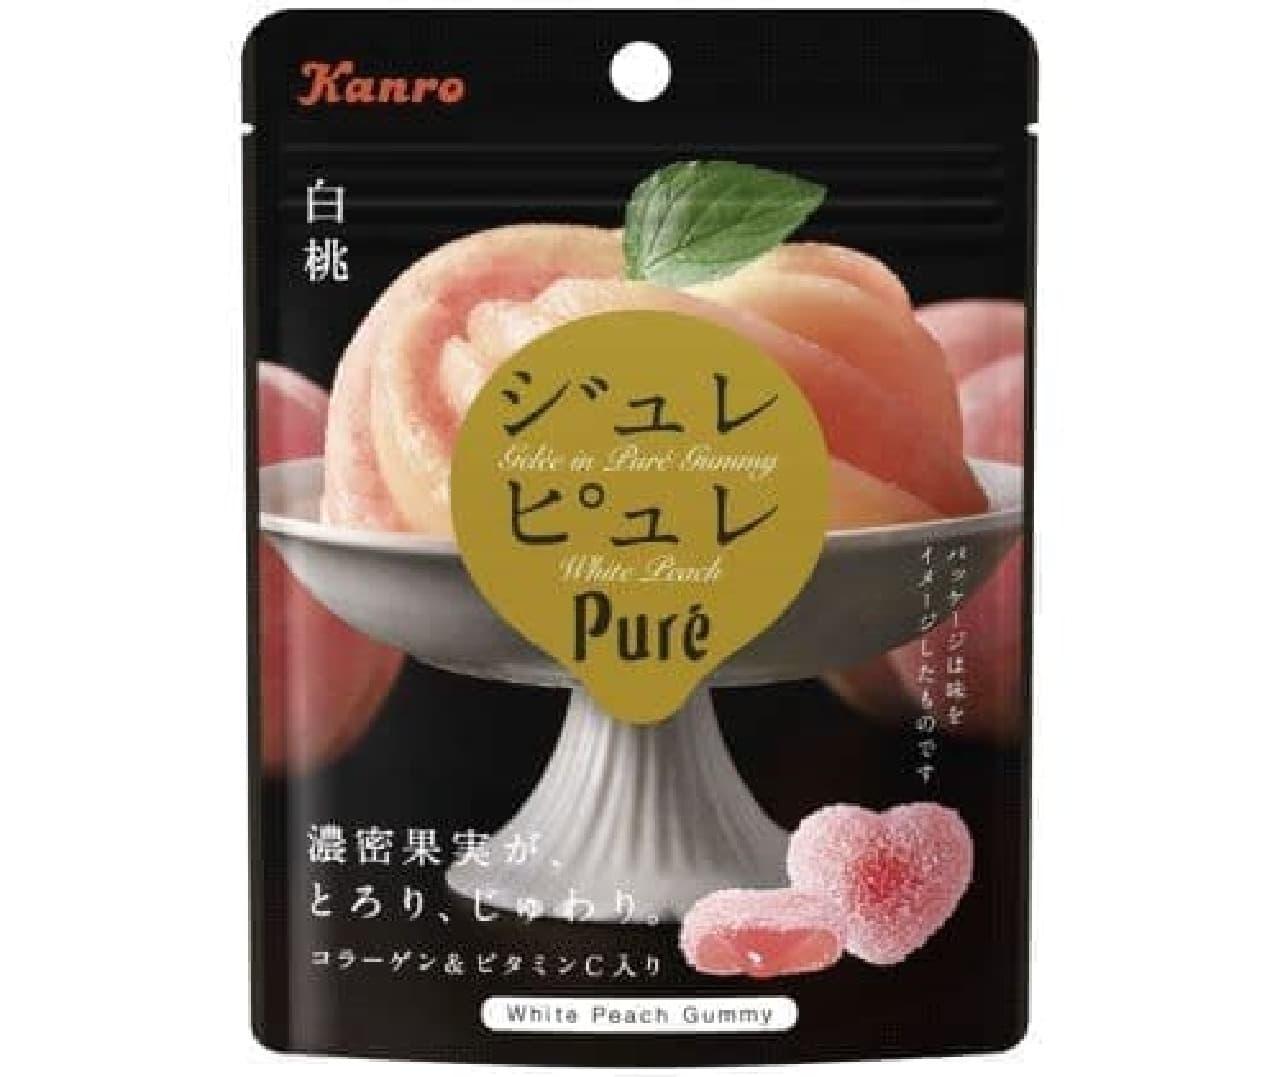 「ジュレピュレ 白桃」は、センターに白桃果汁のジュレが閉じ込められたグミ